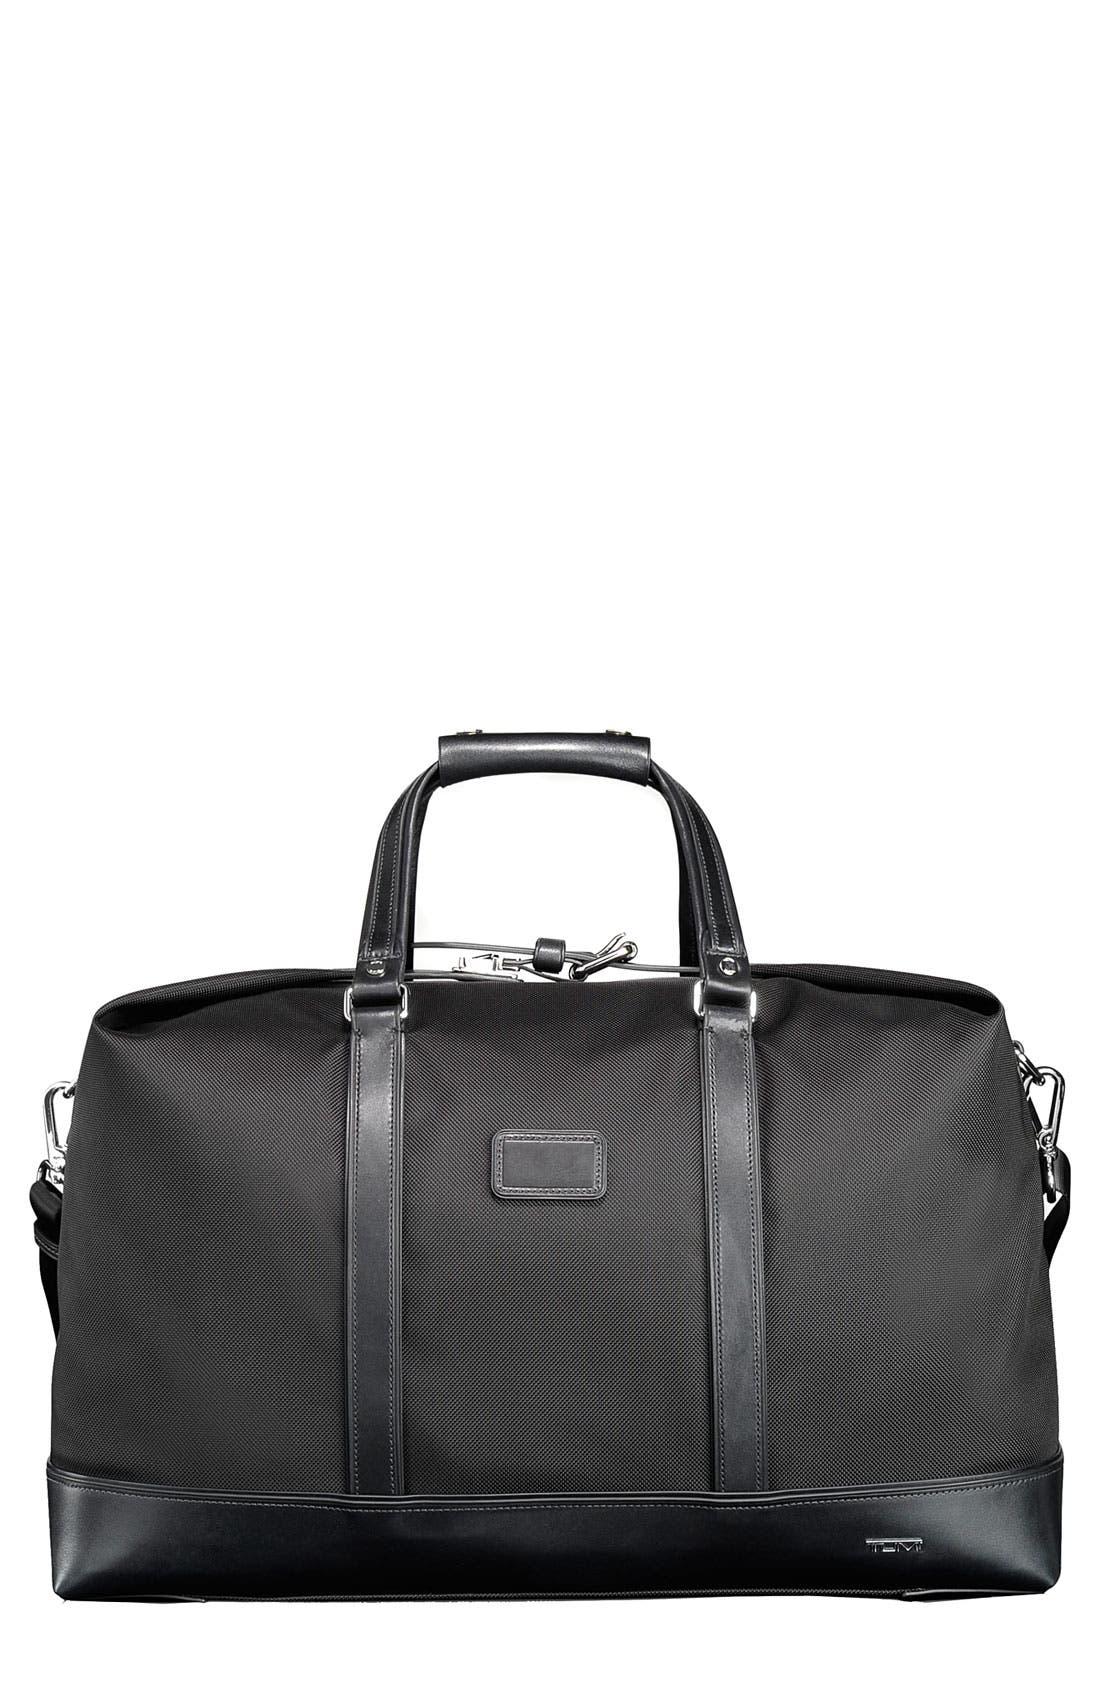 Alternate Image 1 Selected - Tumi 'Bedford - Westley' Duffel Bag